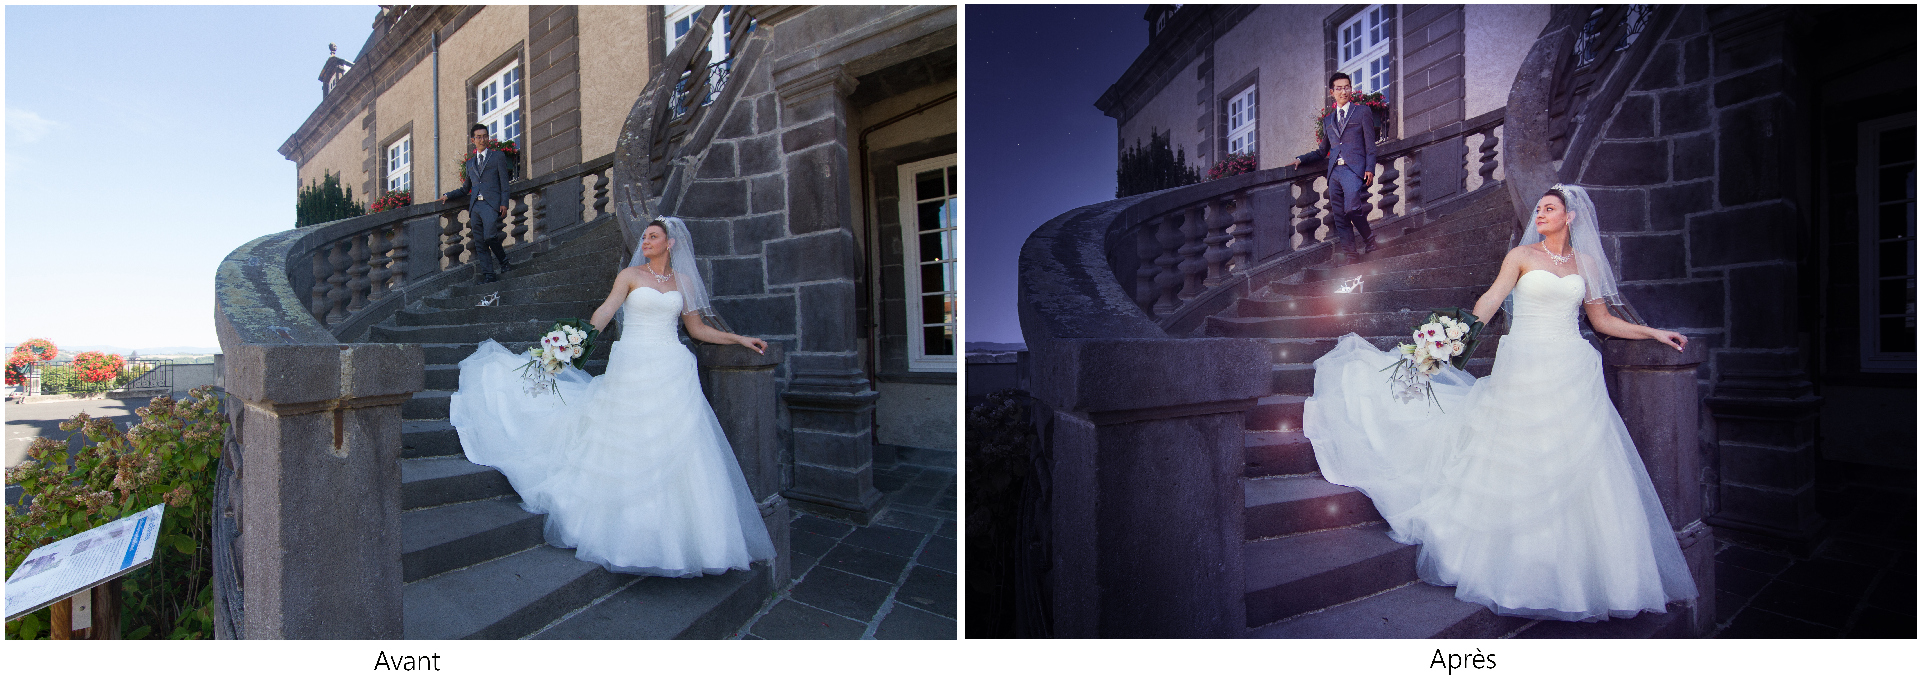 Mariage, séance couple, reportage de mariage, magie, Cendrillon, mariage à thème, Puy-de-Dôme, Pont-du-Chateau